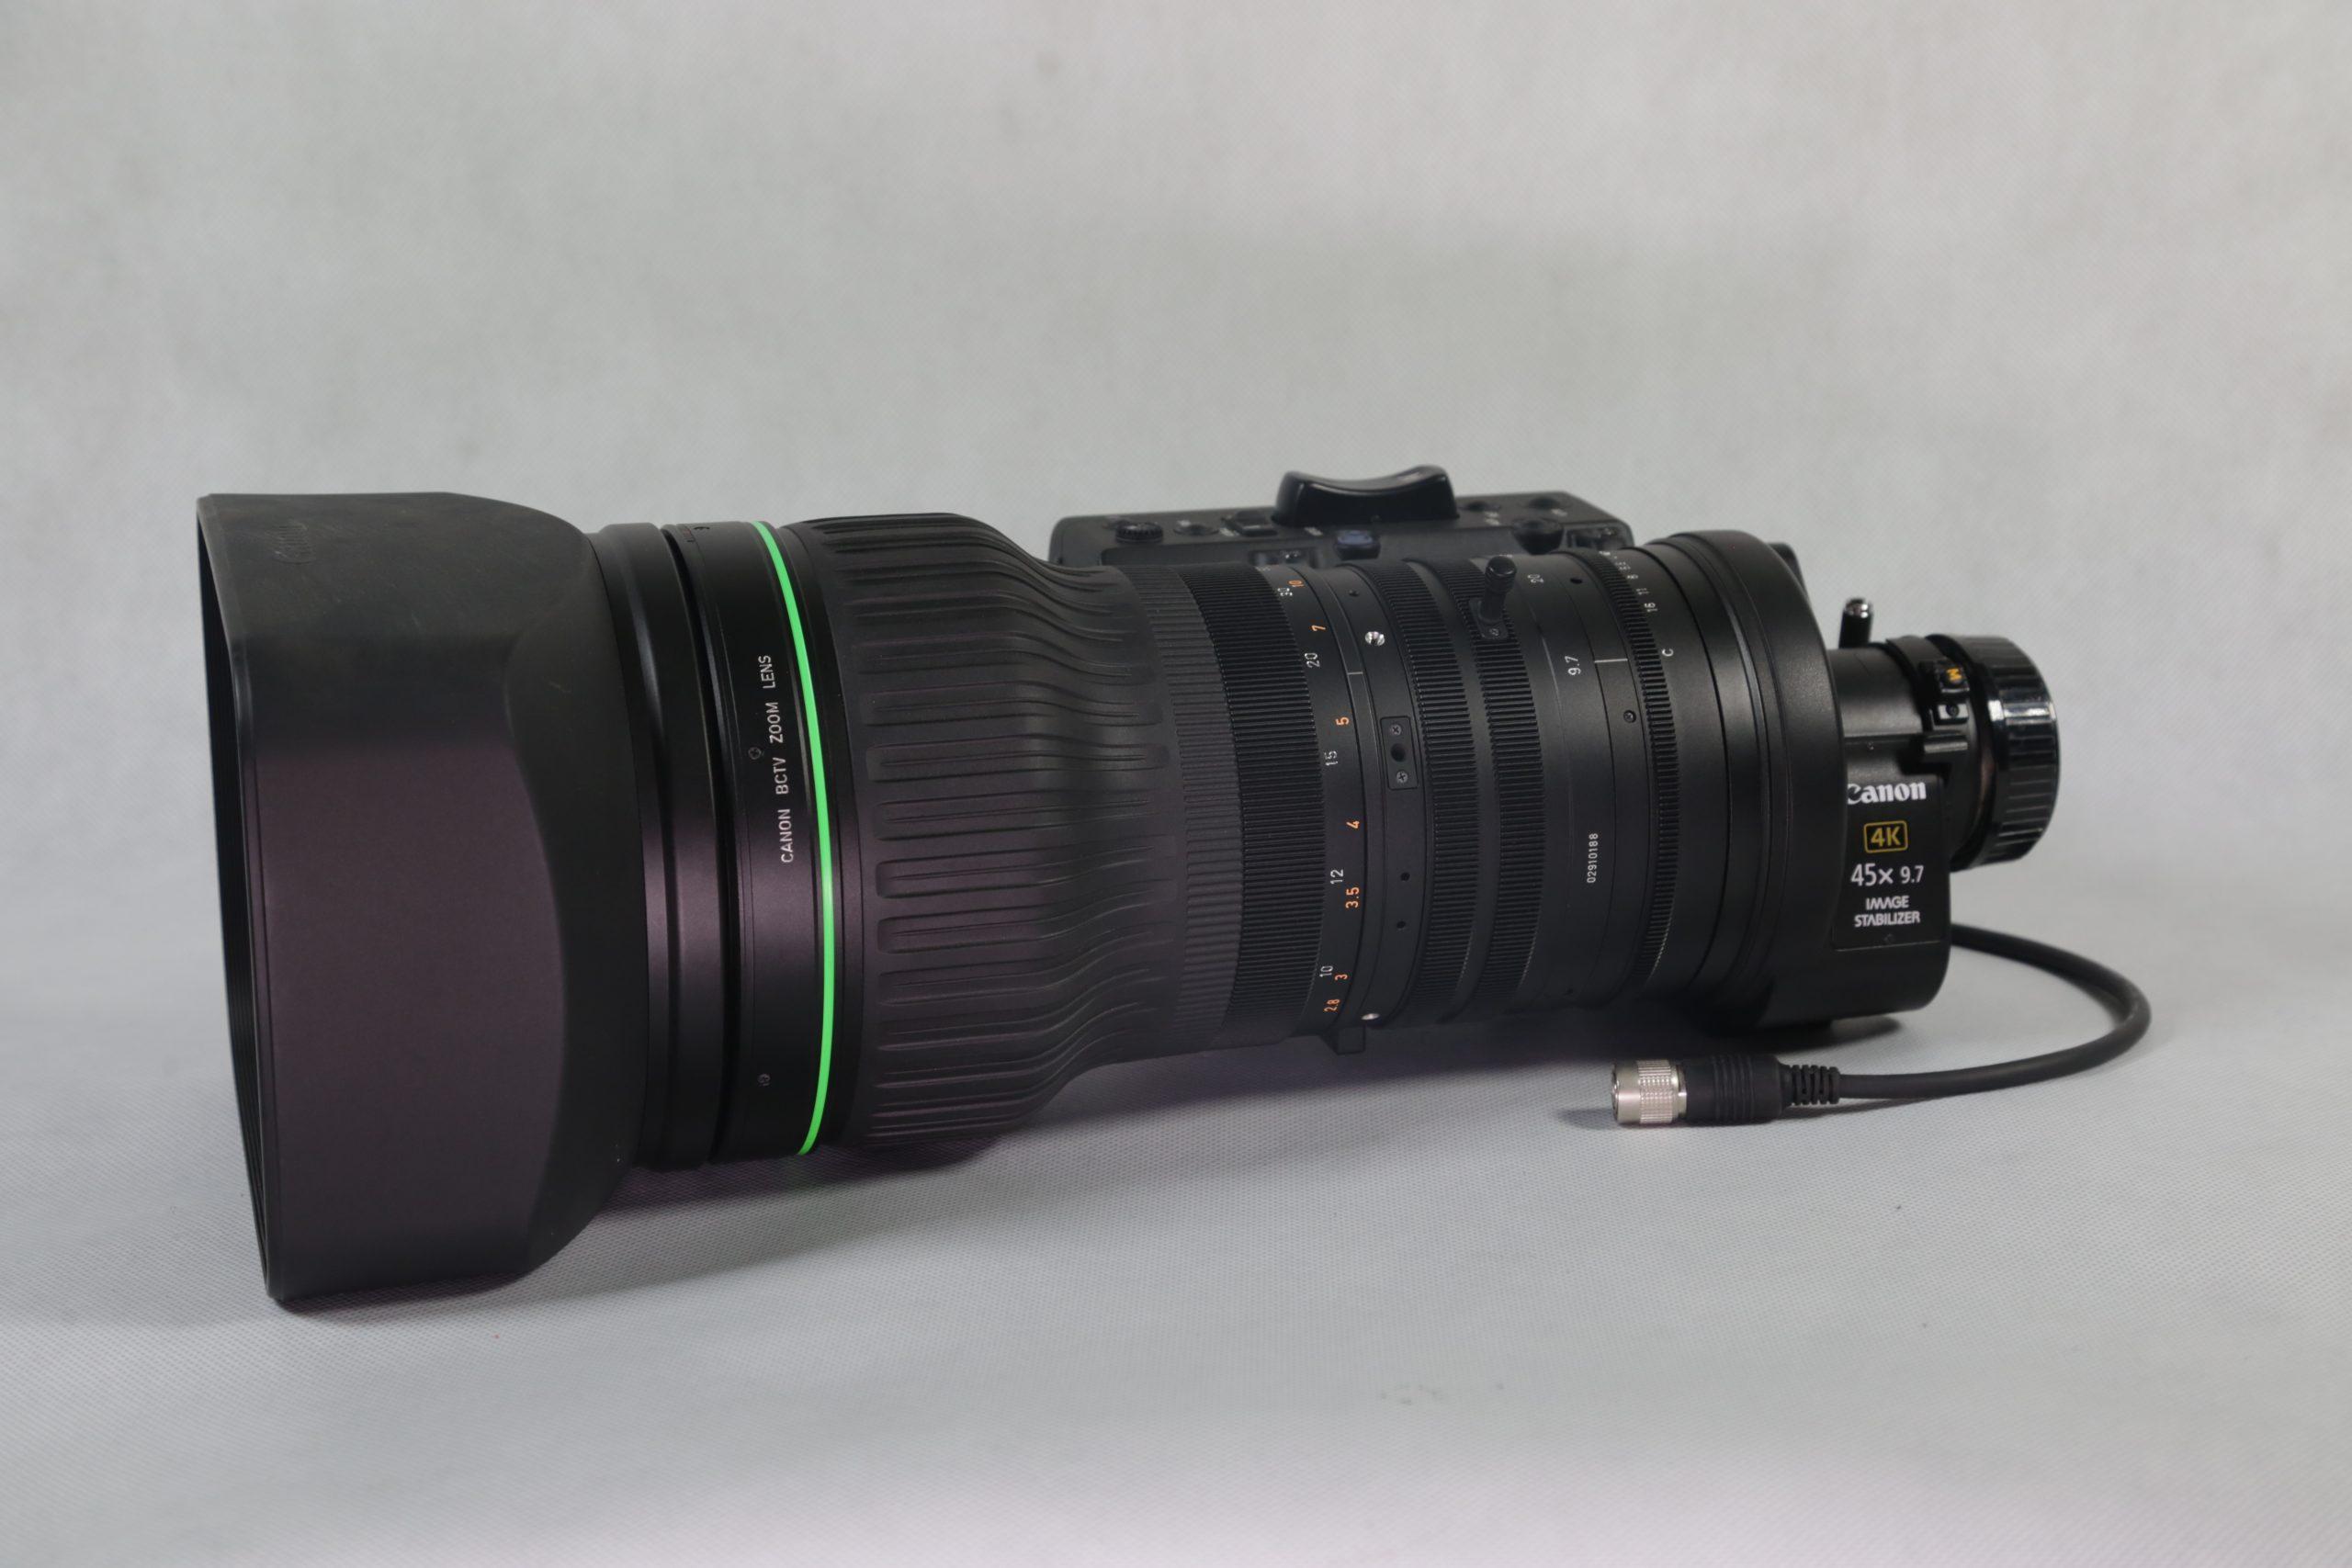 Canon CJ45e x 9.7B IASE - VH UHD